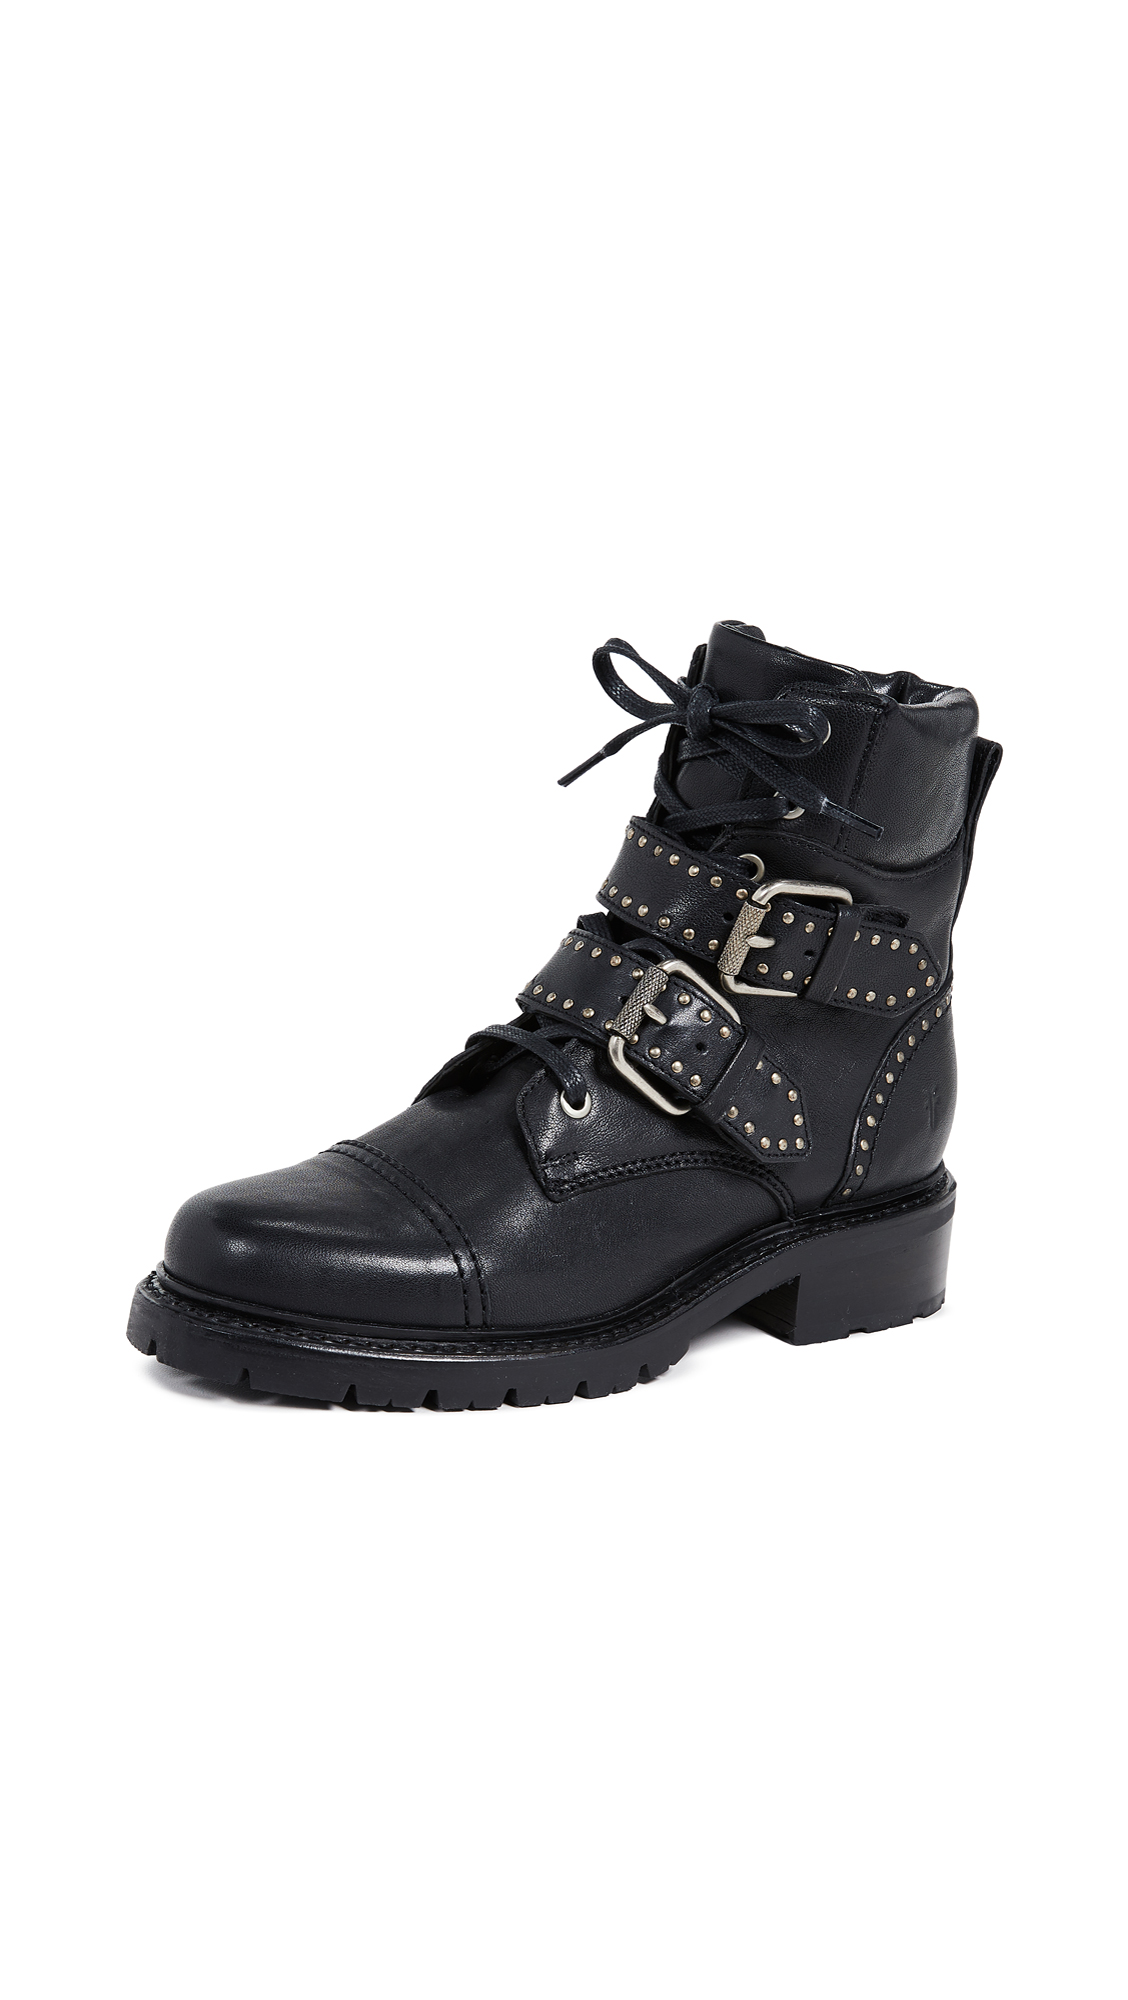 Frye Samantha Stud Belted Hiker Boots - Black